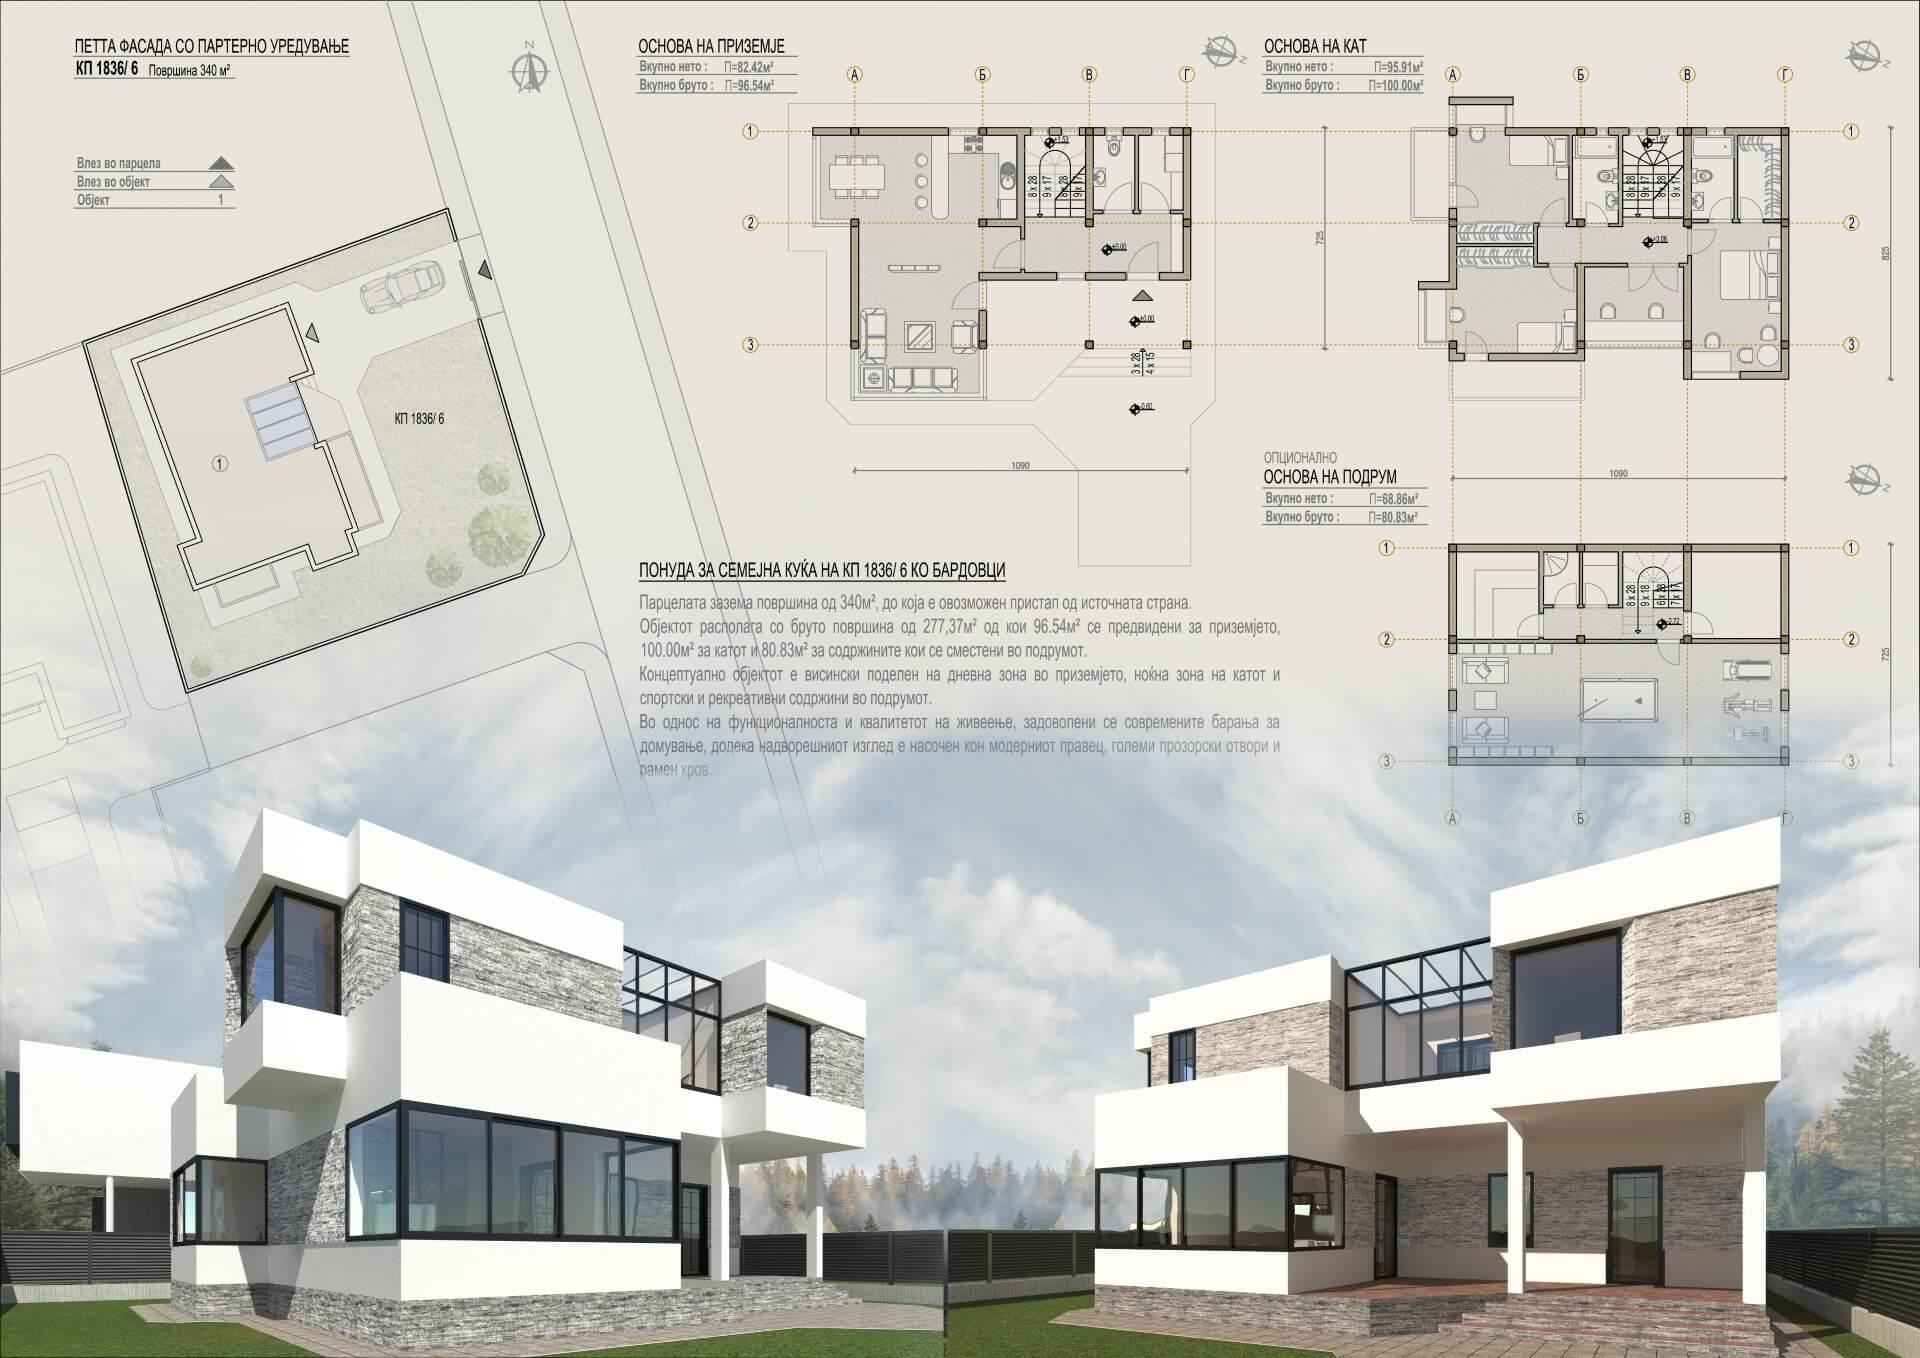 Индивидуална семејна куќа во Бардовци